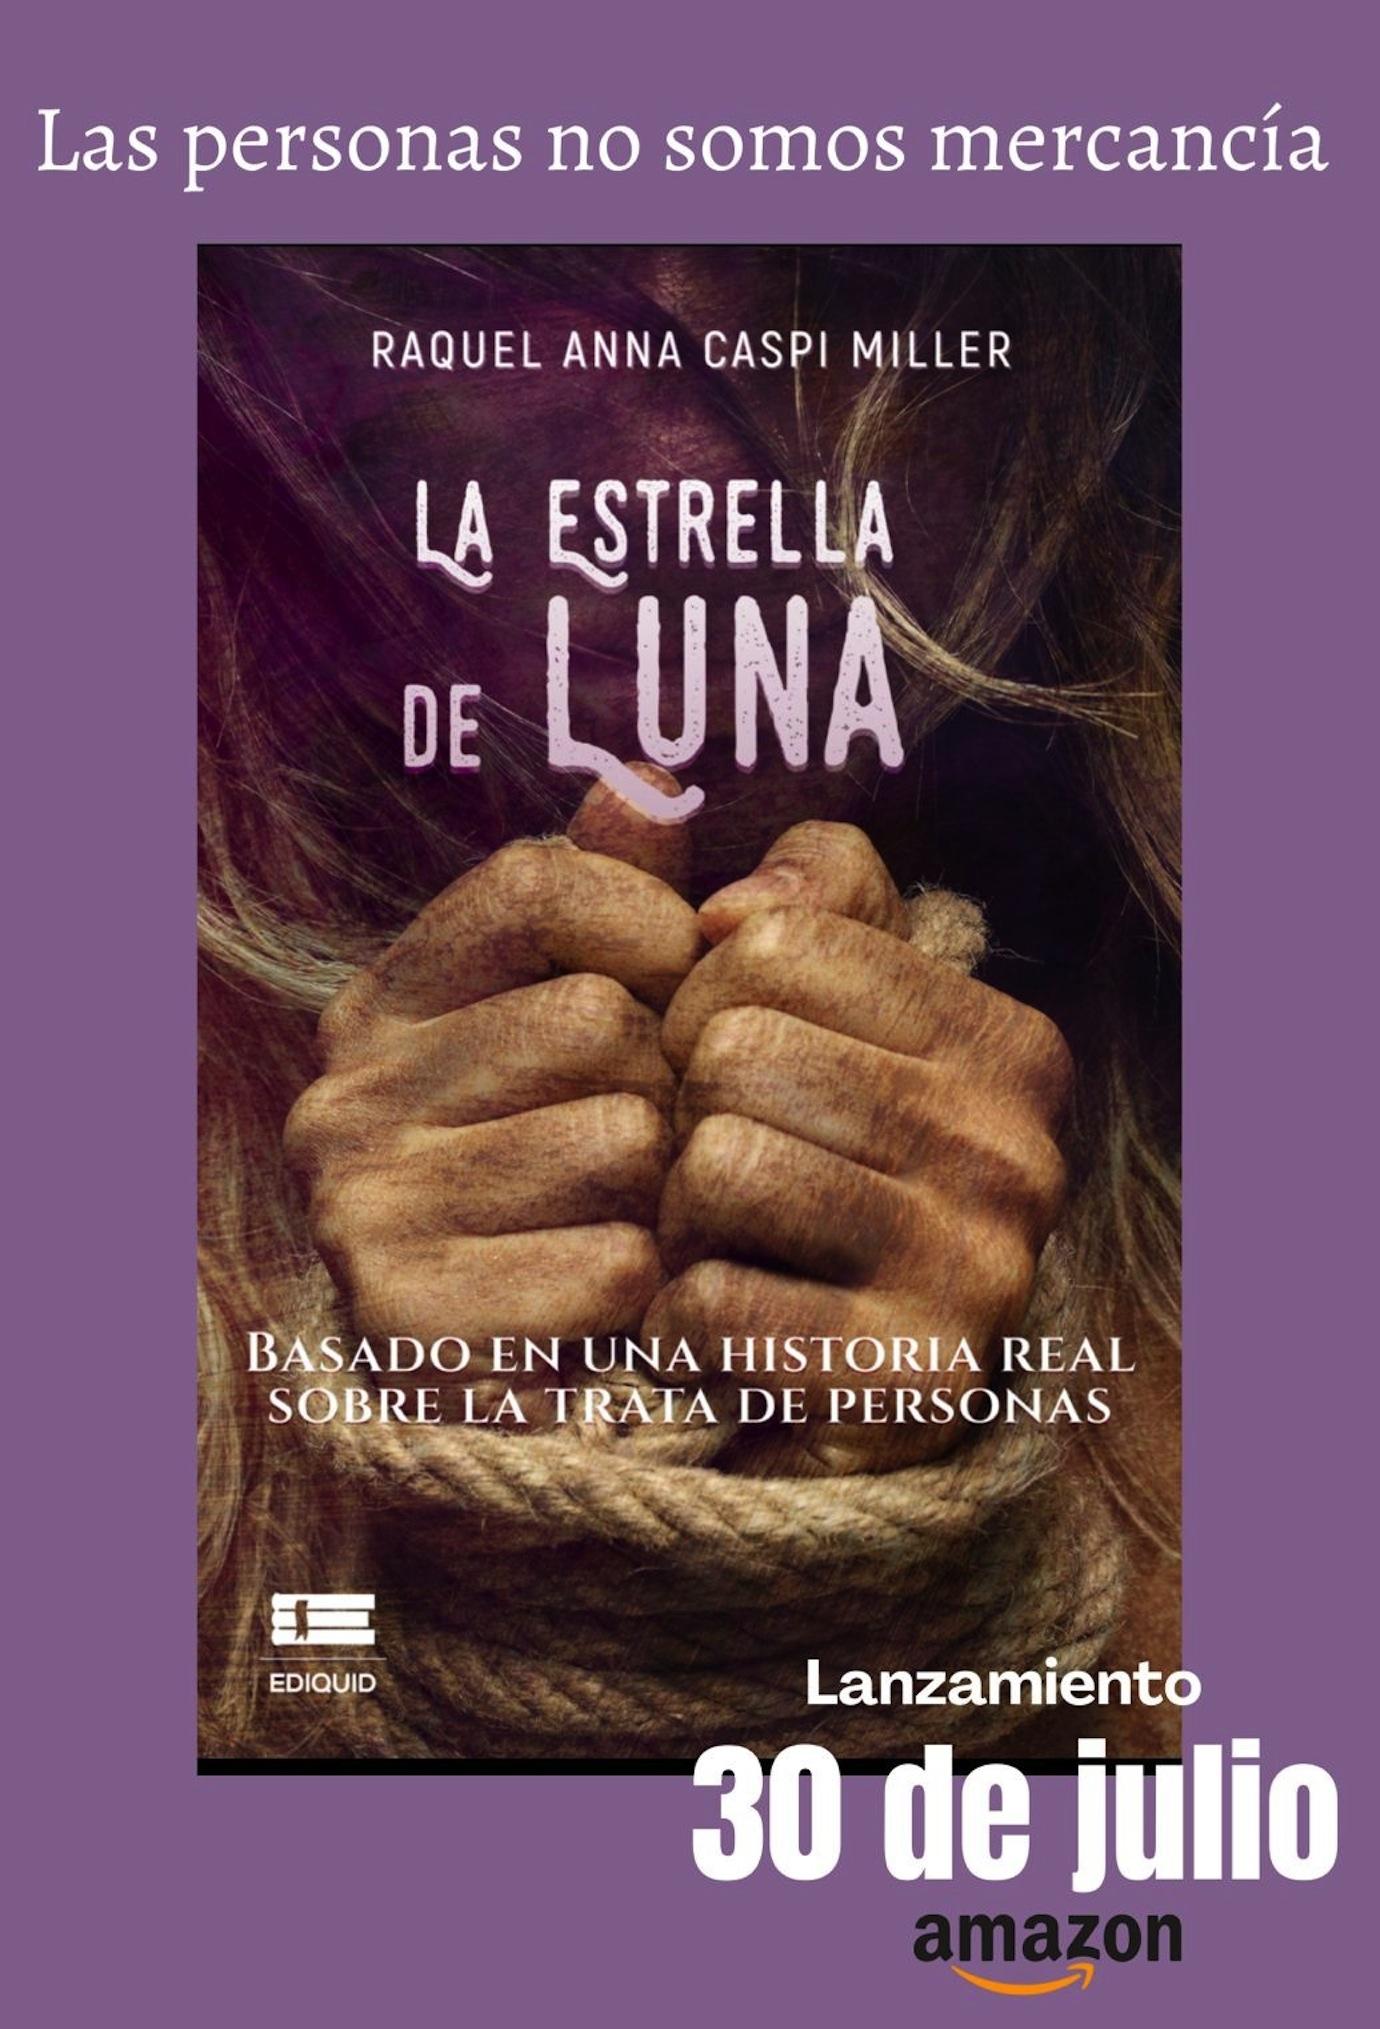 Raquel Caspi presenta La Estrella de Luna, libro basado en una historia real sobre la trata de personas